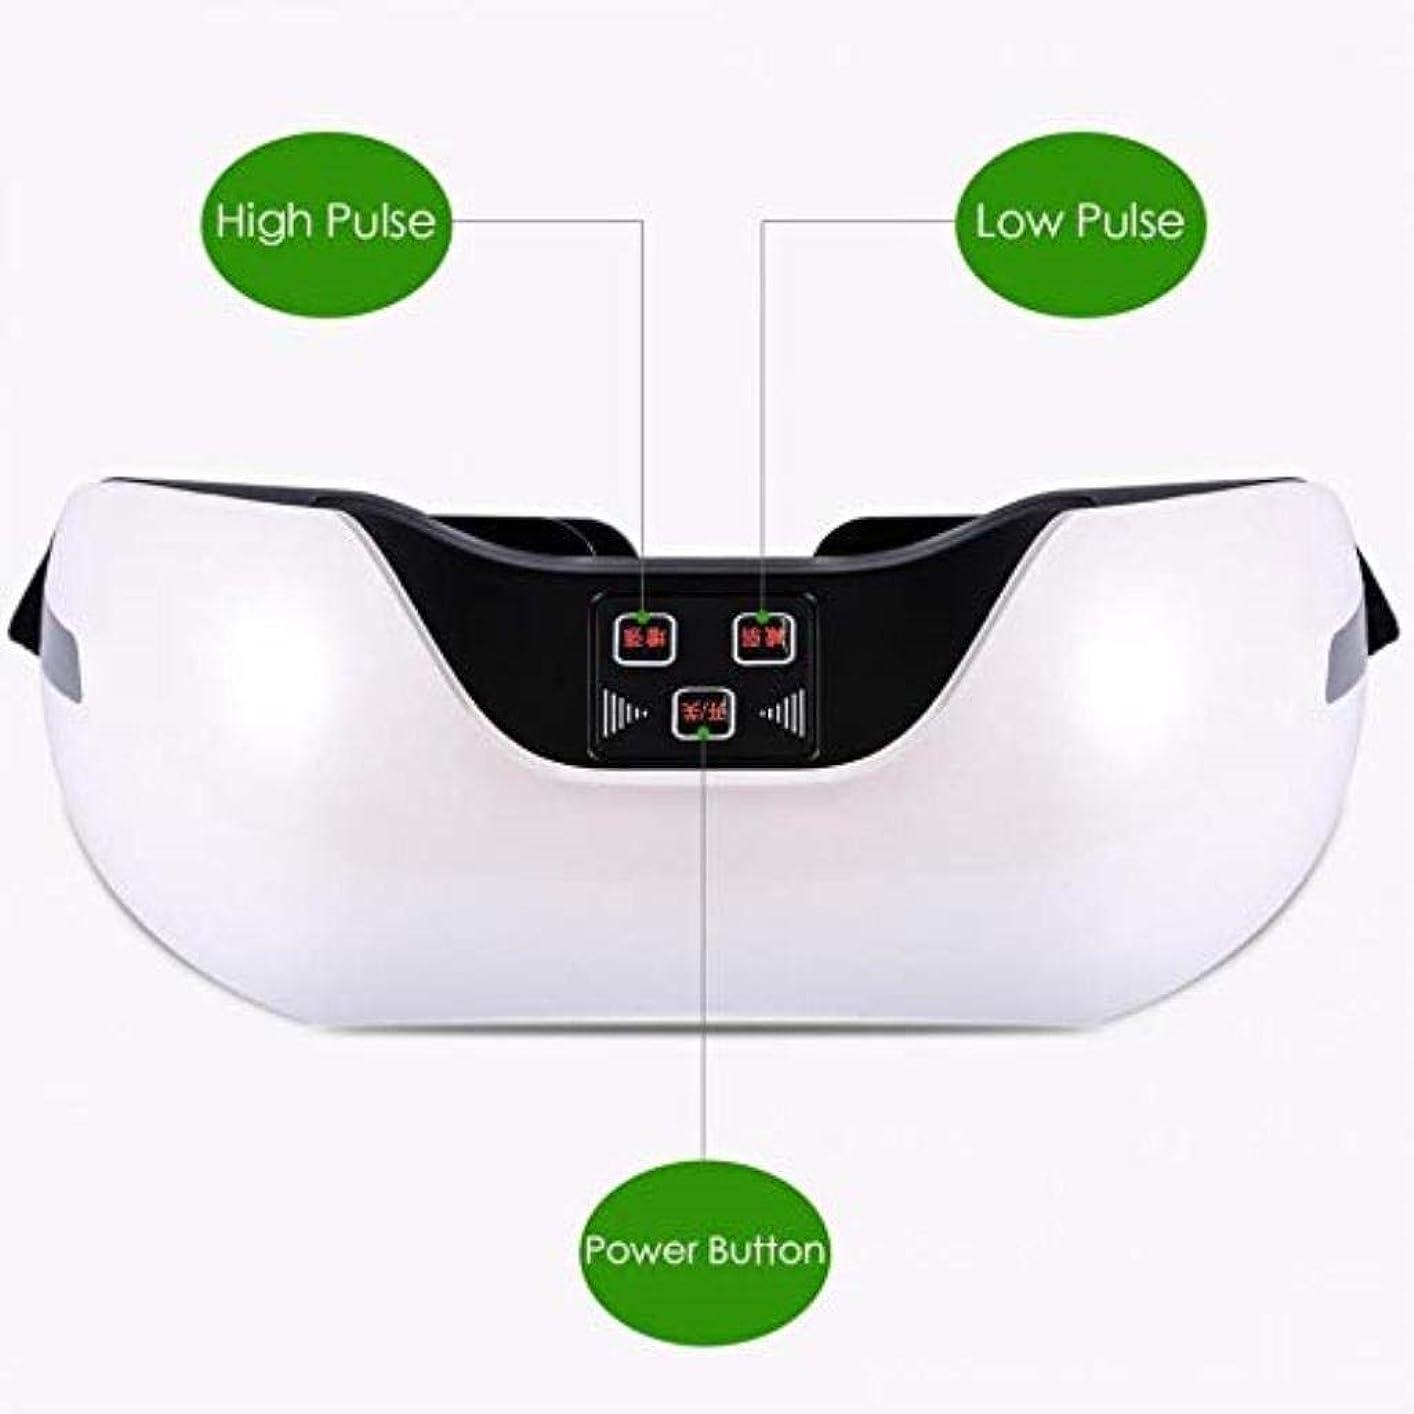 強風力眩惑する近視の予防のための視力回復器具トレーニングアイマッサージ器具 (Color : White)